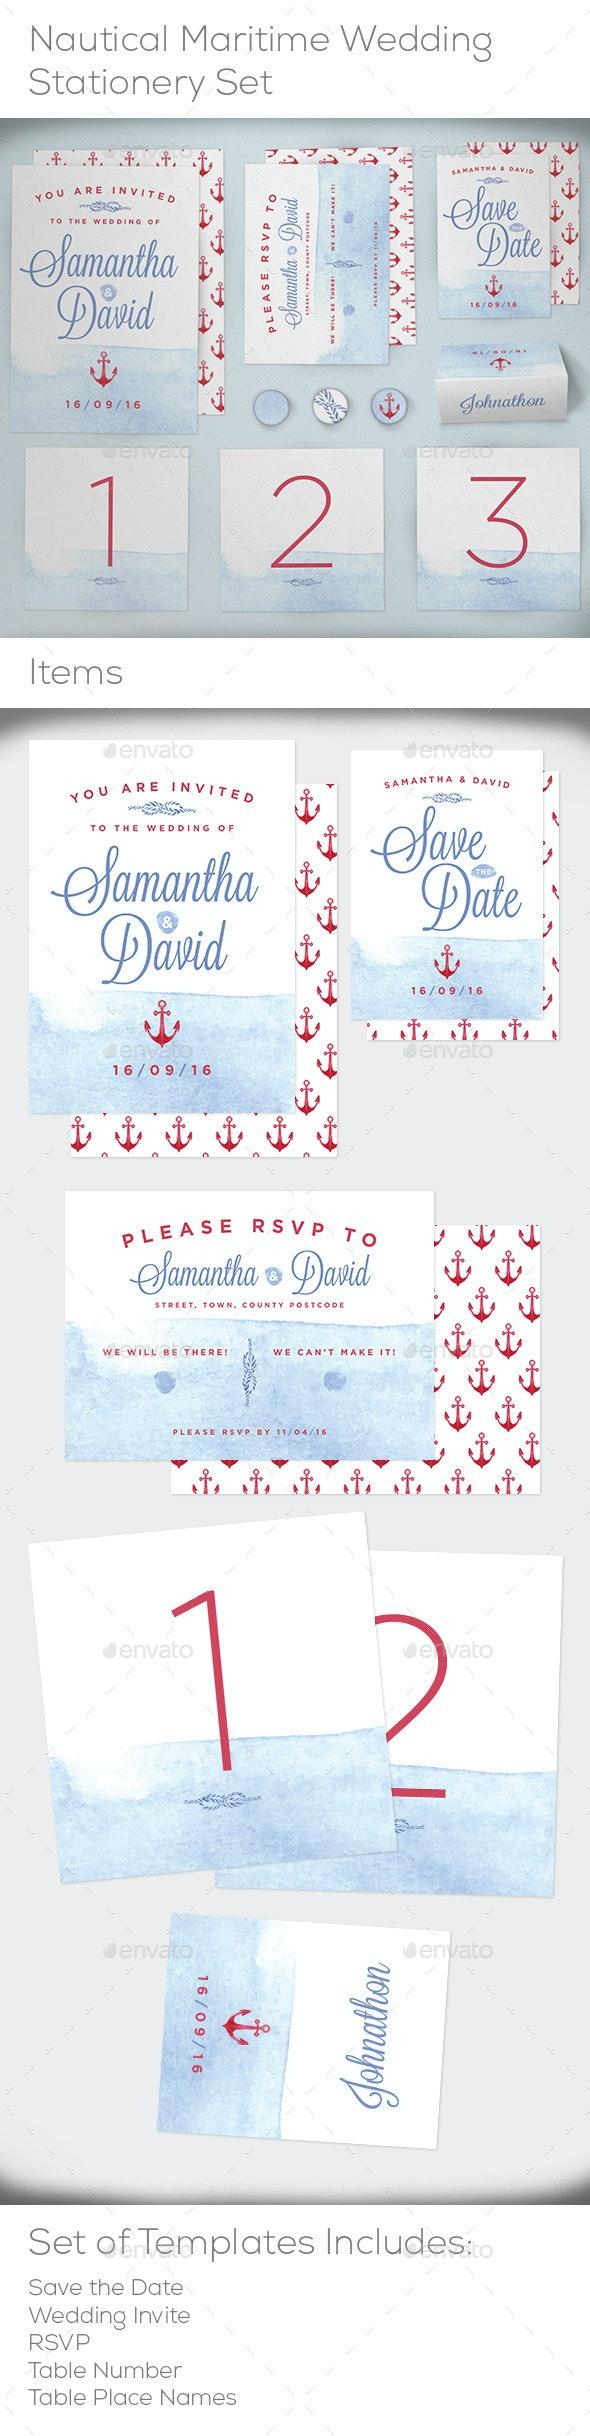 Nautical Maritime Wedding Stationery Set - Weddings Cards & Invites